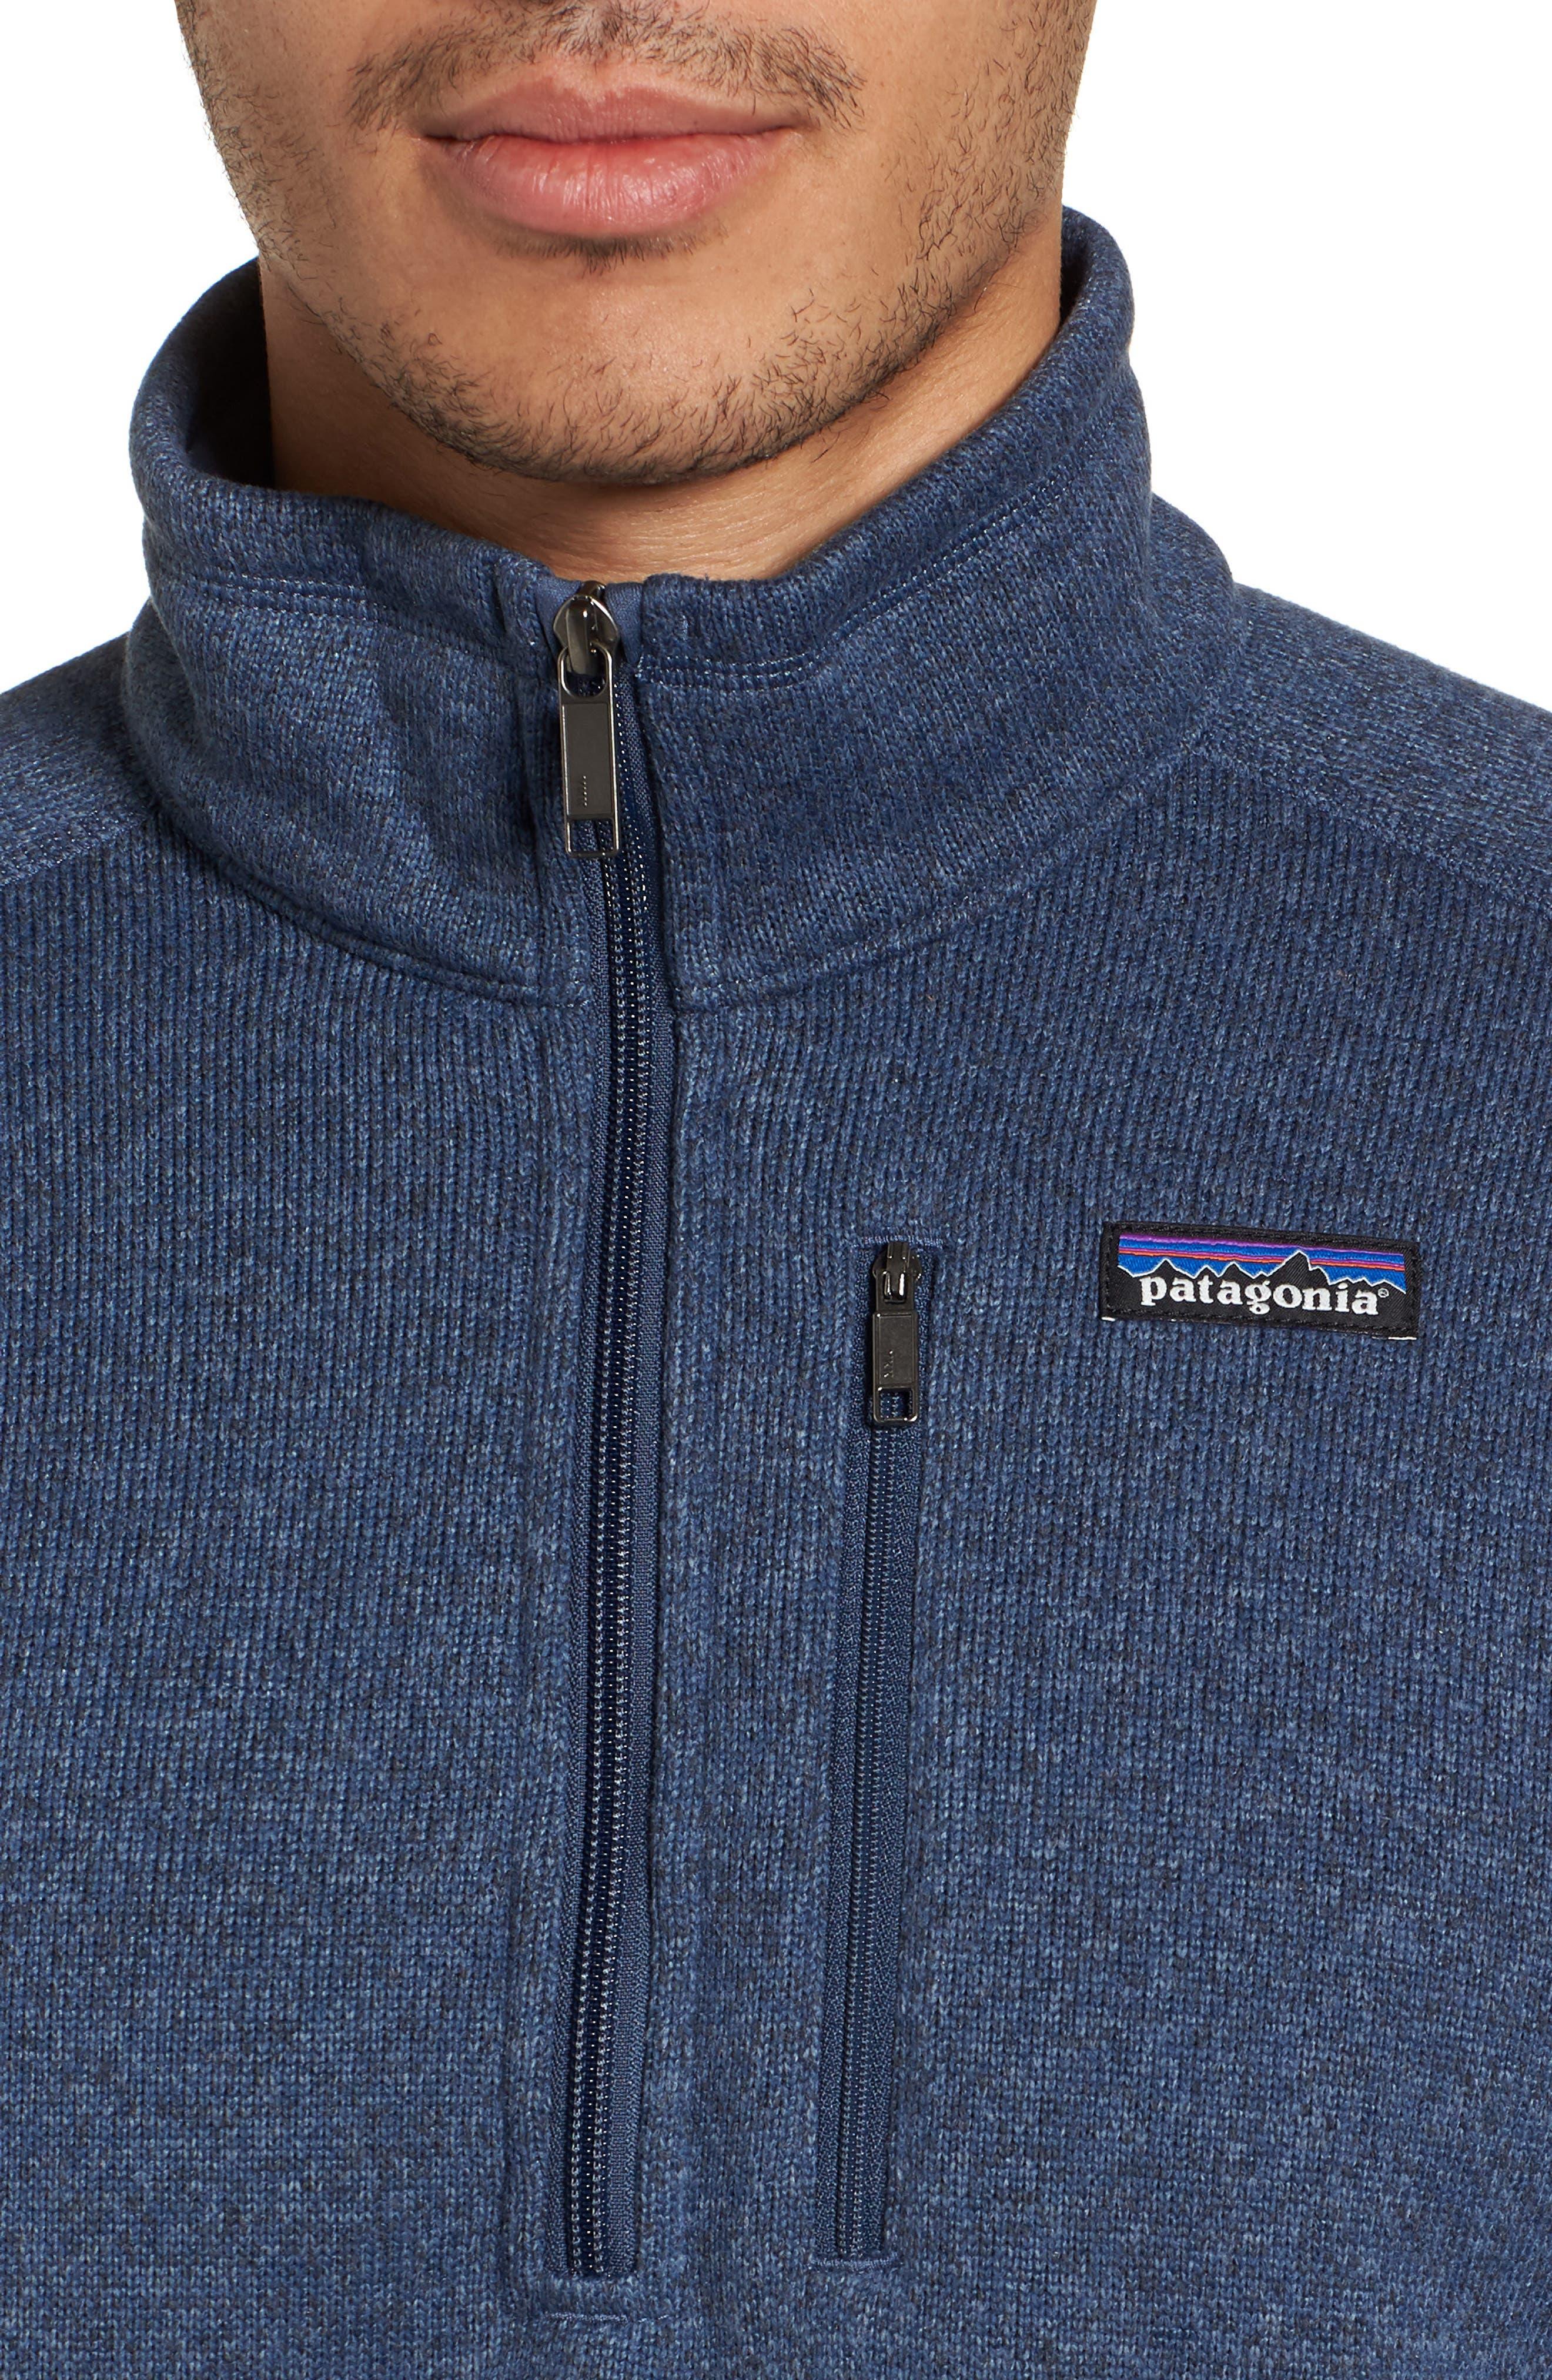 Better Sweater Quarter Zip Pullover,                             Alternate thumbnail 4, color,                             DOLOMITE BLUE